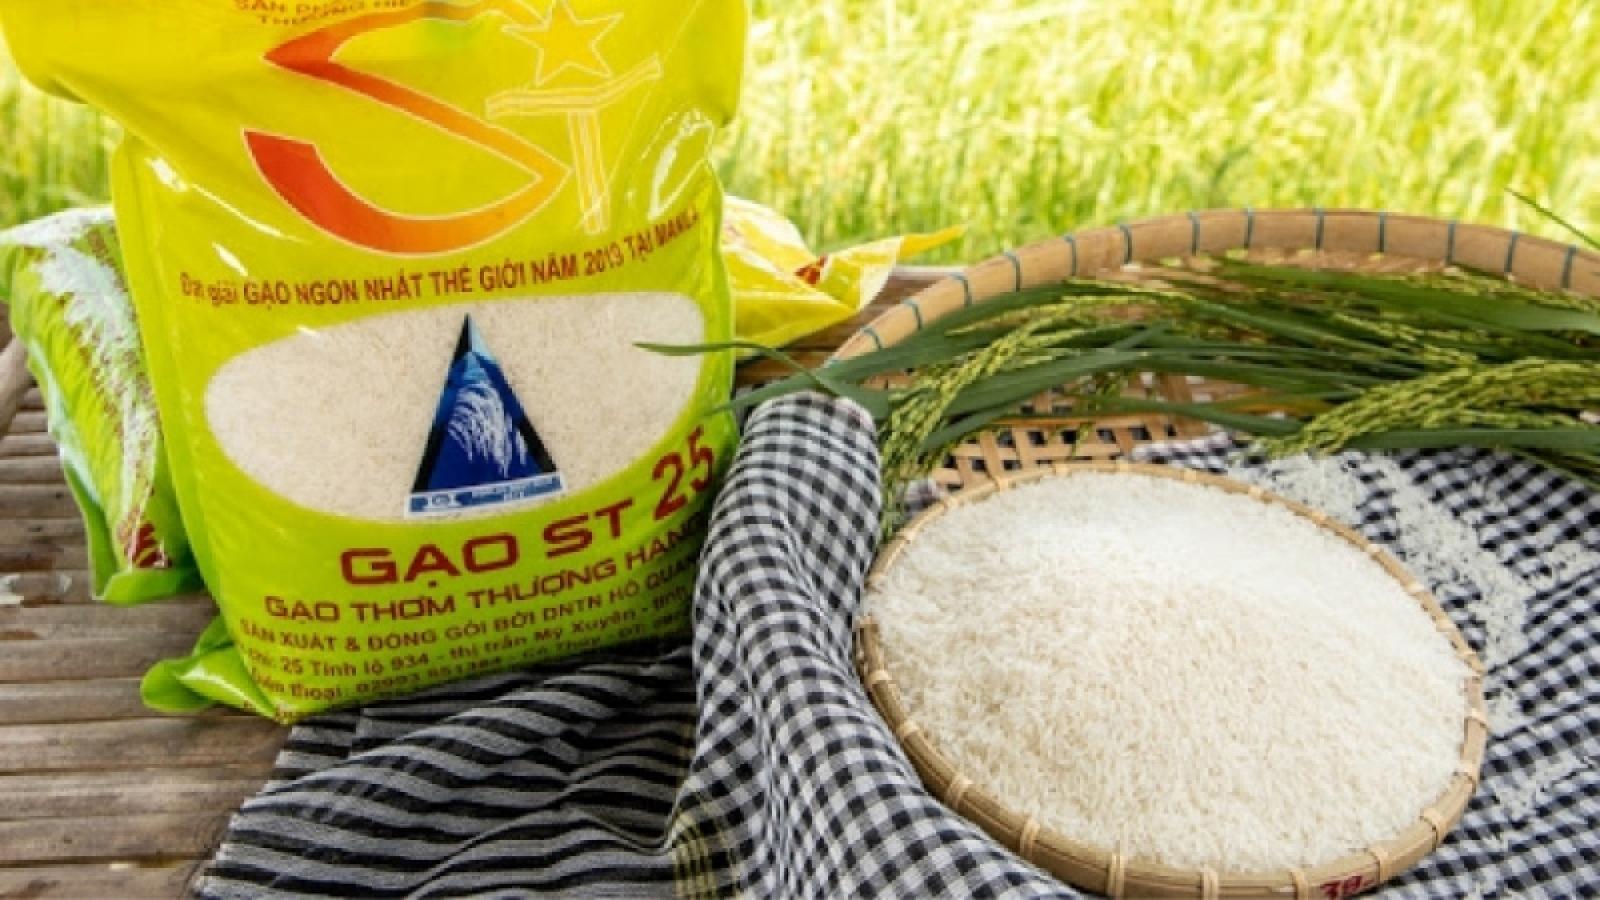 Nguy cơ thương hiệu gạo ST25 bị chiếm đoạt: Đừng chỉ đổ lỗi cho doanh nghiệp